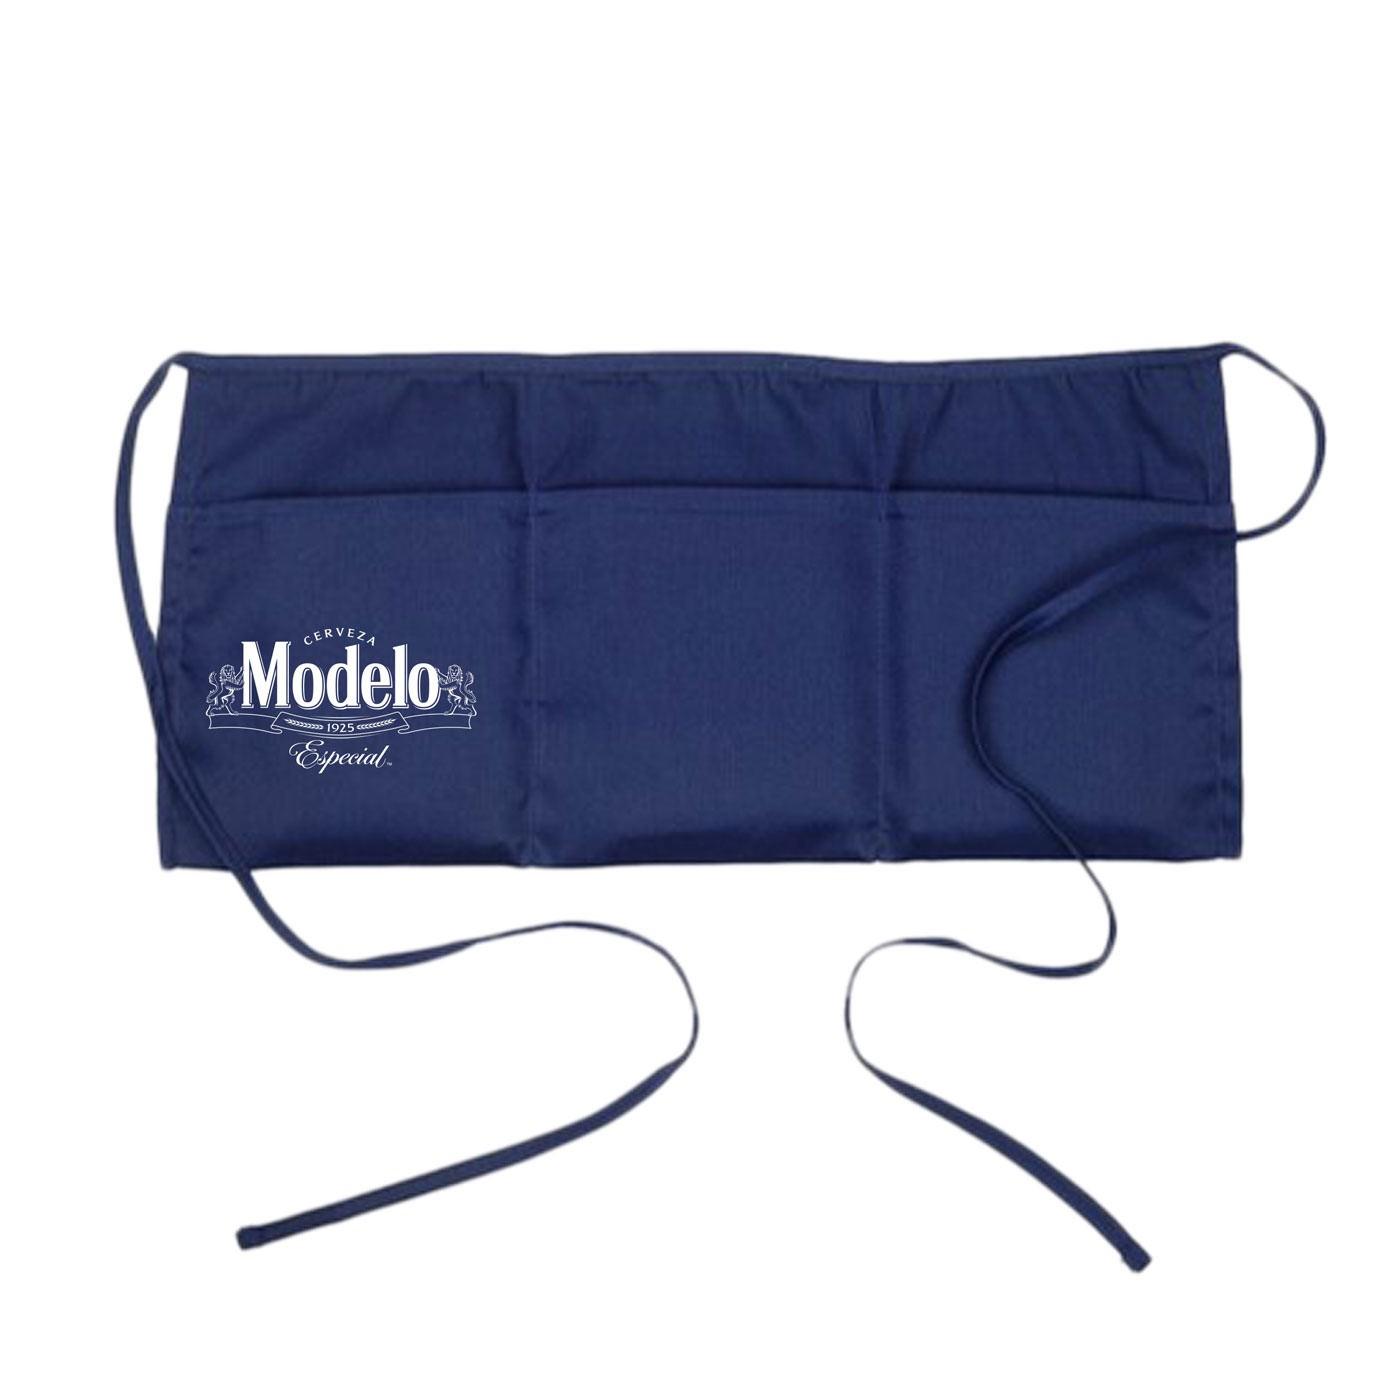 Modelo 3 Pocket Bar Apron